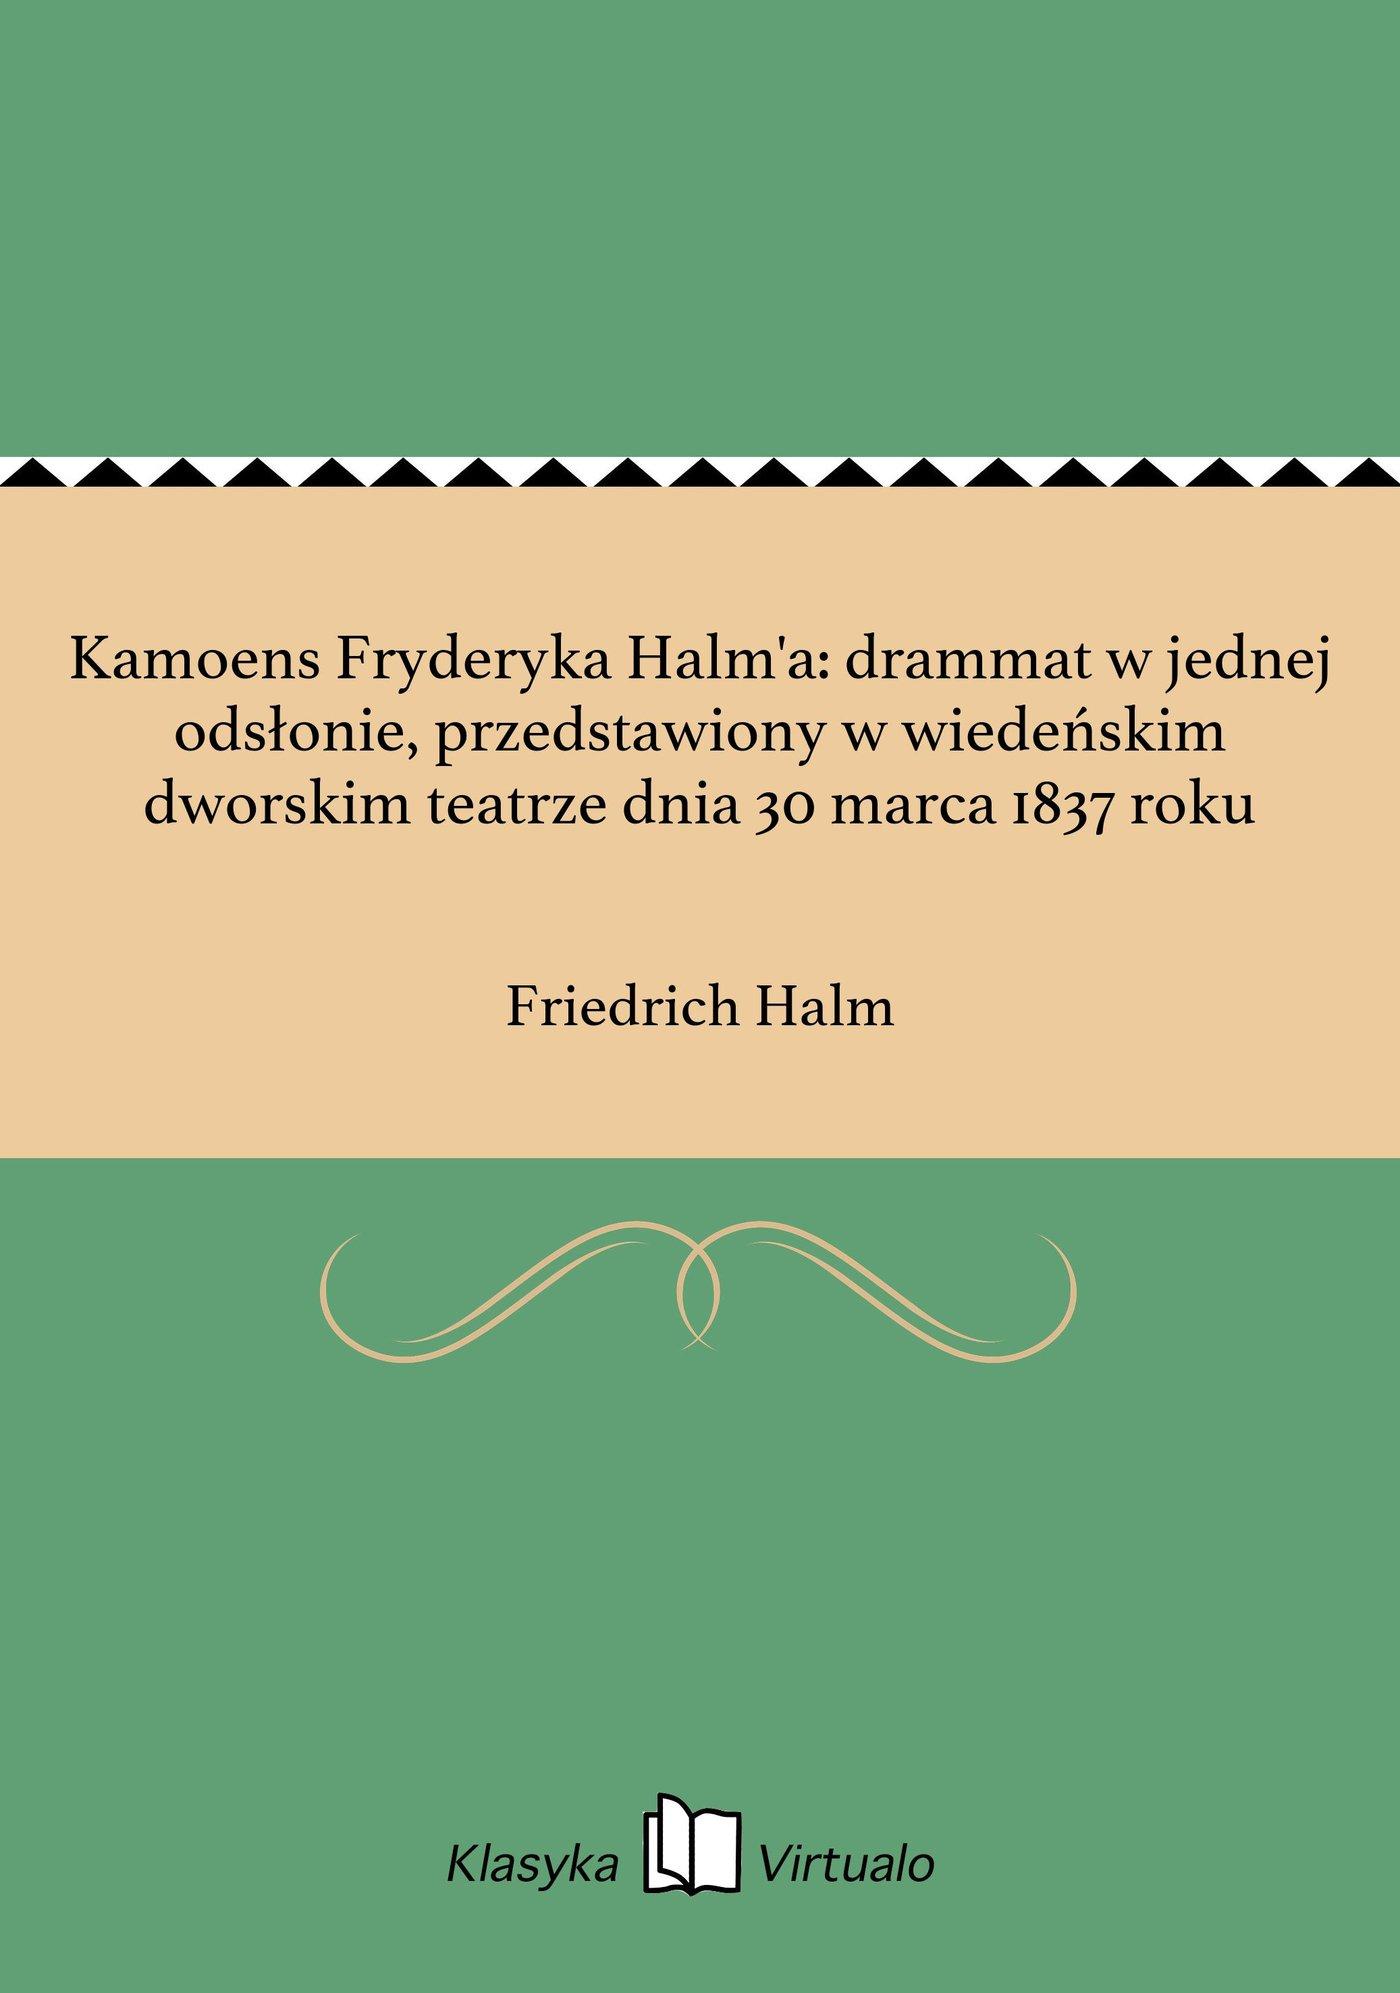 Kamoens Fryderyka Halm'a: drammat w jednej odsłonie, przedstawiony w wiedeńskim dworskim teatrze dnia 30 marca 1837 roku - Ebook (Książka na Kindle) do pobrania w formacie MOBI